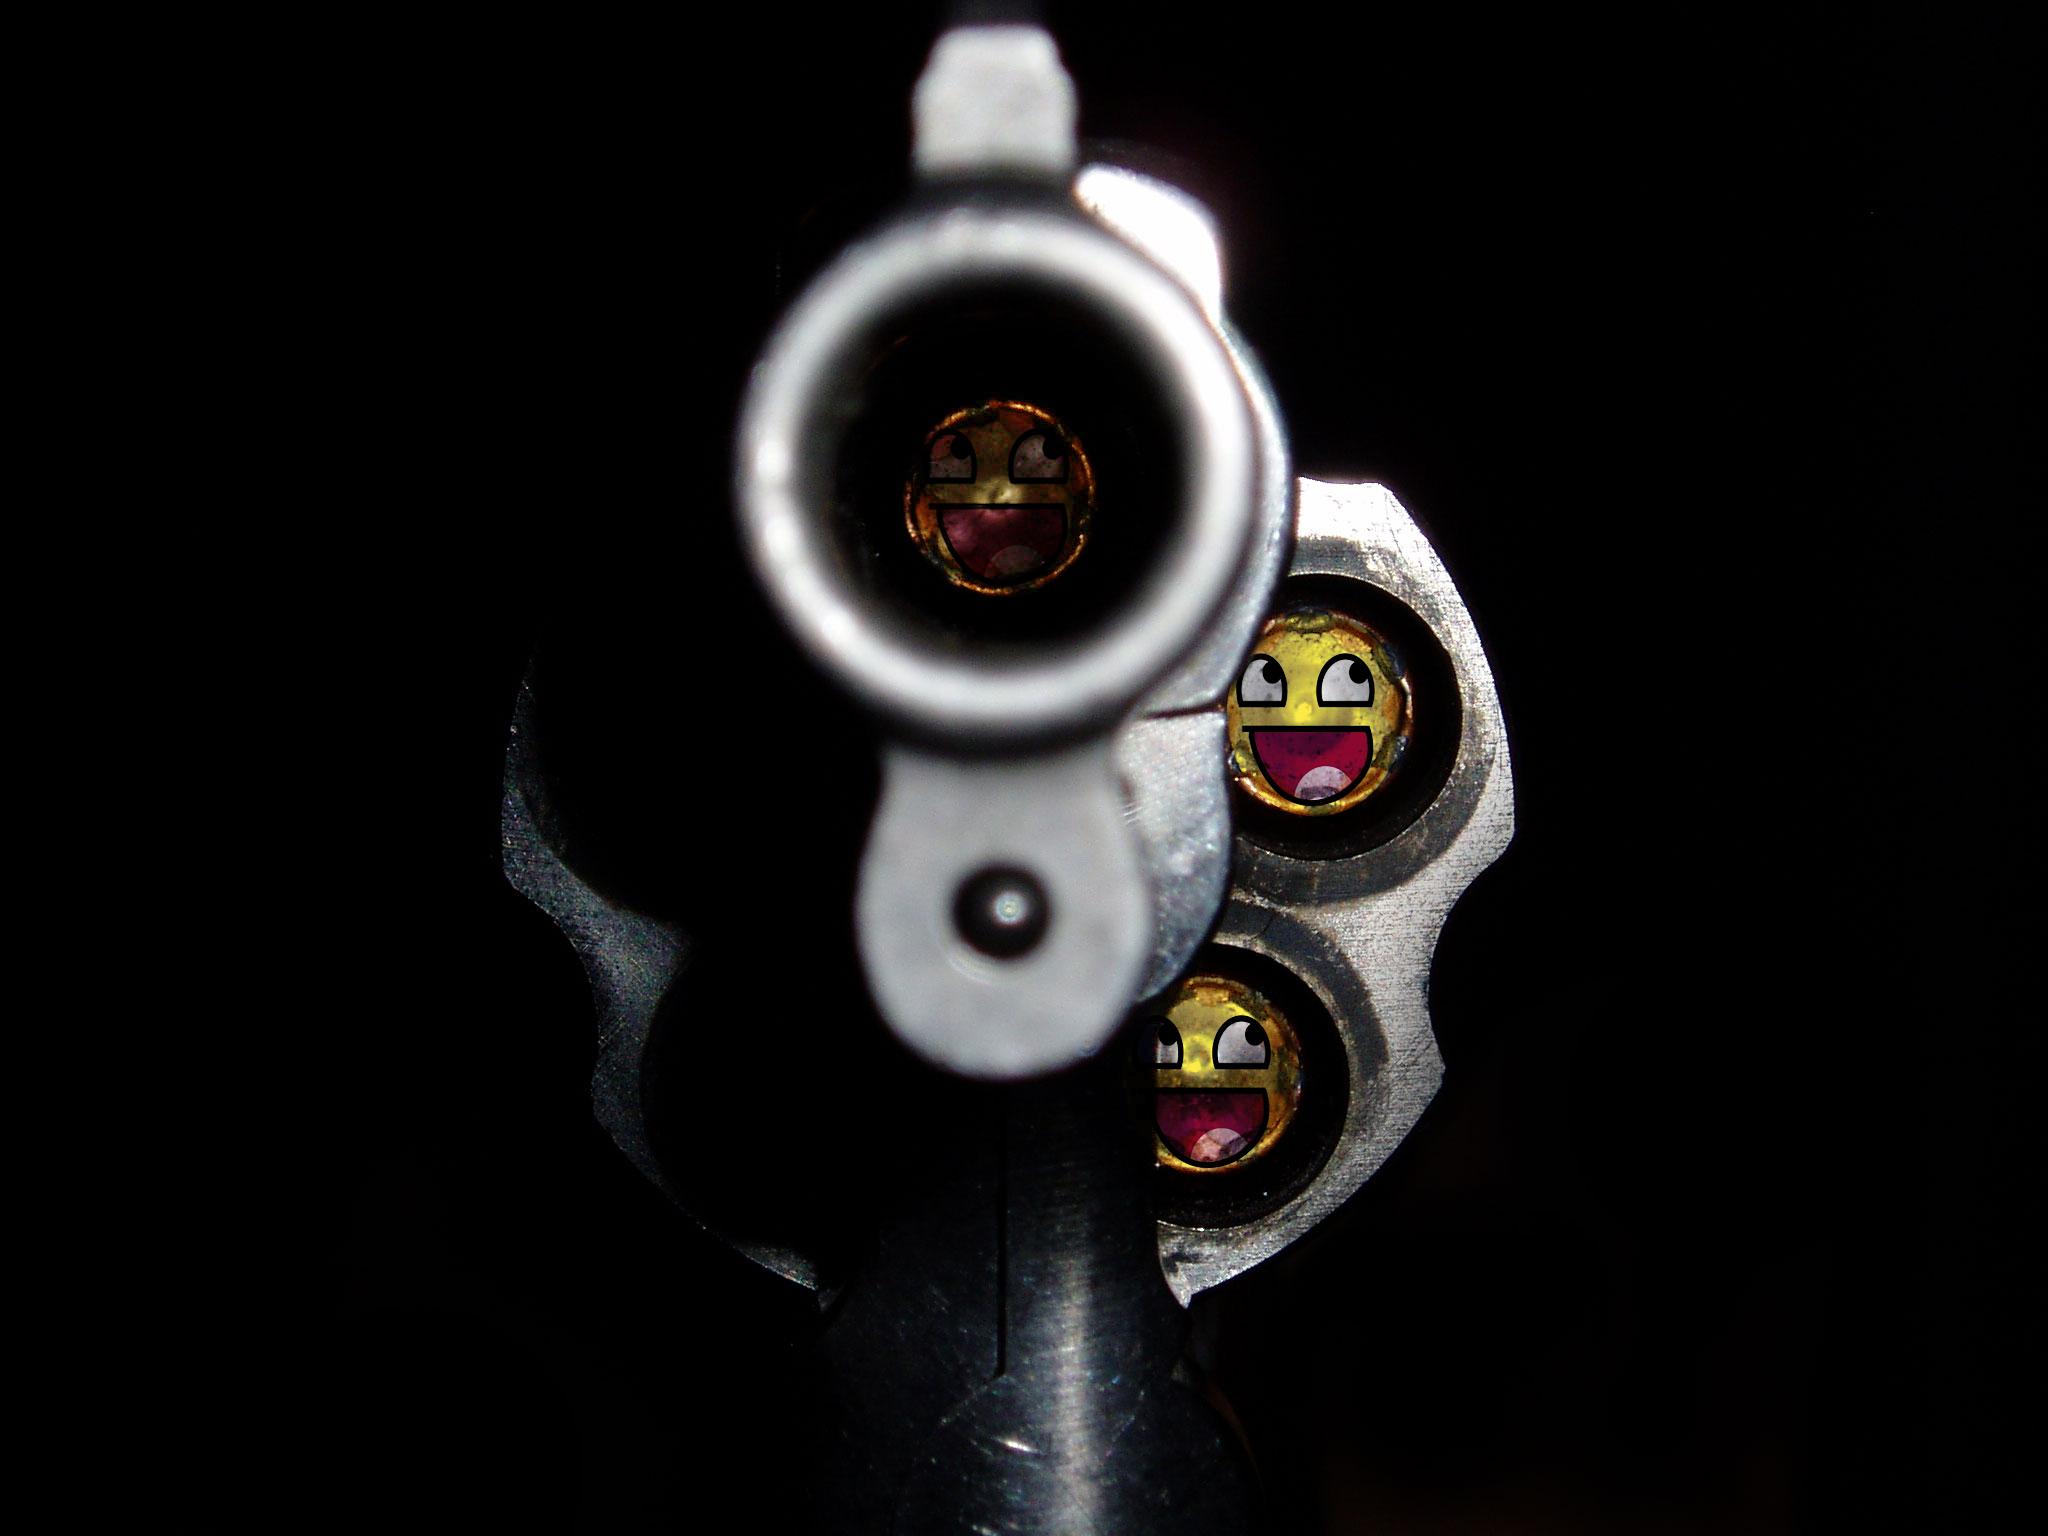 револьвер фильм обои на рабочий стол № 1277766 загрузить